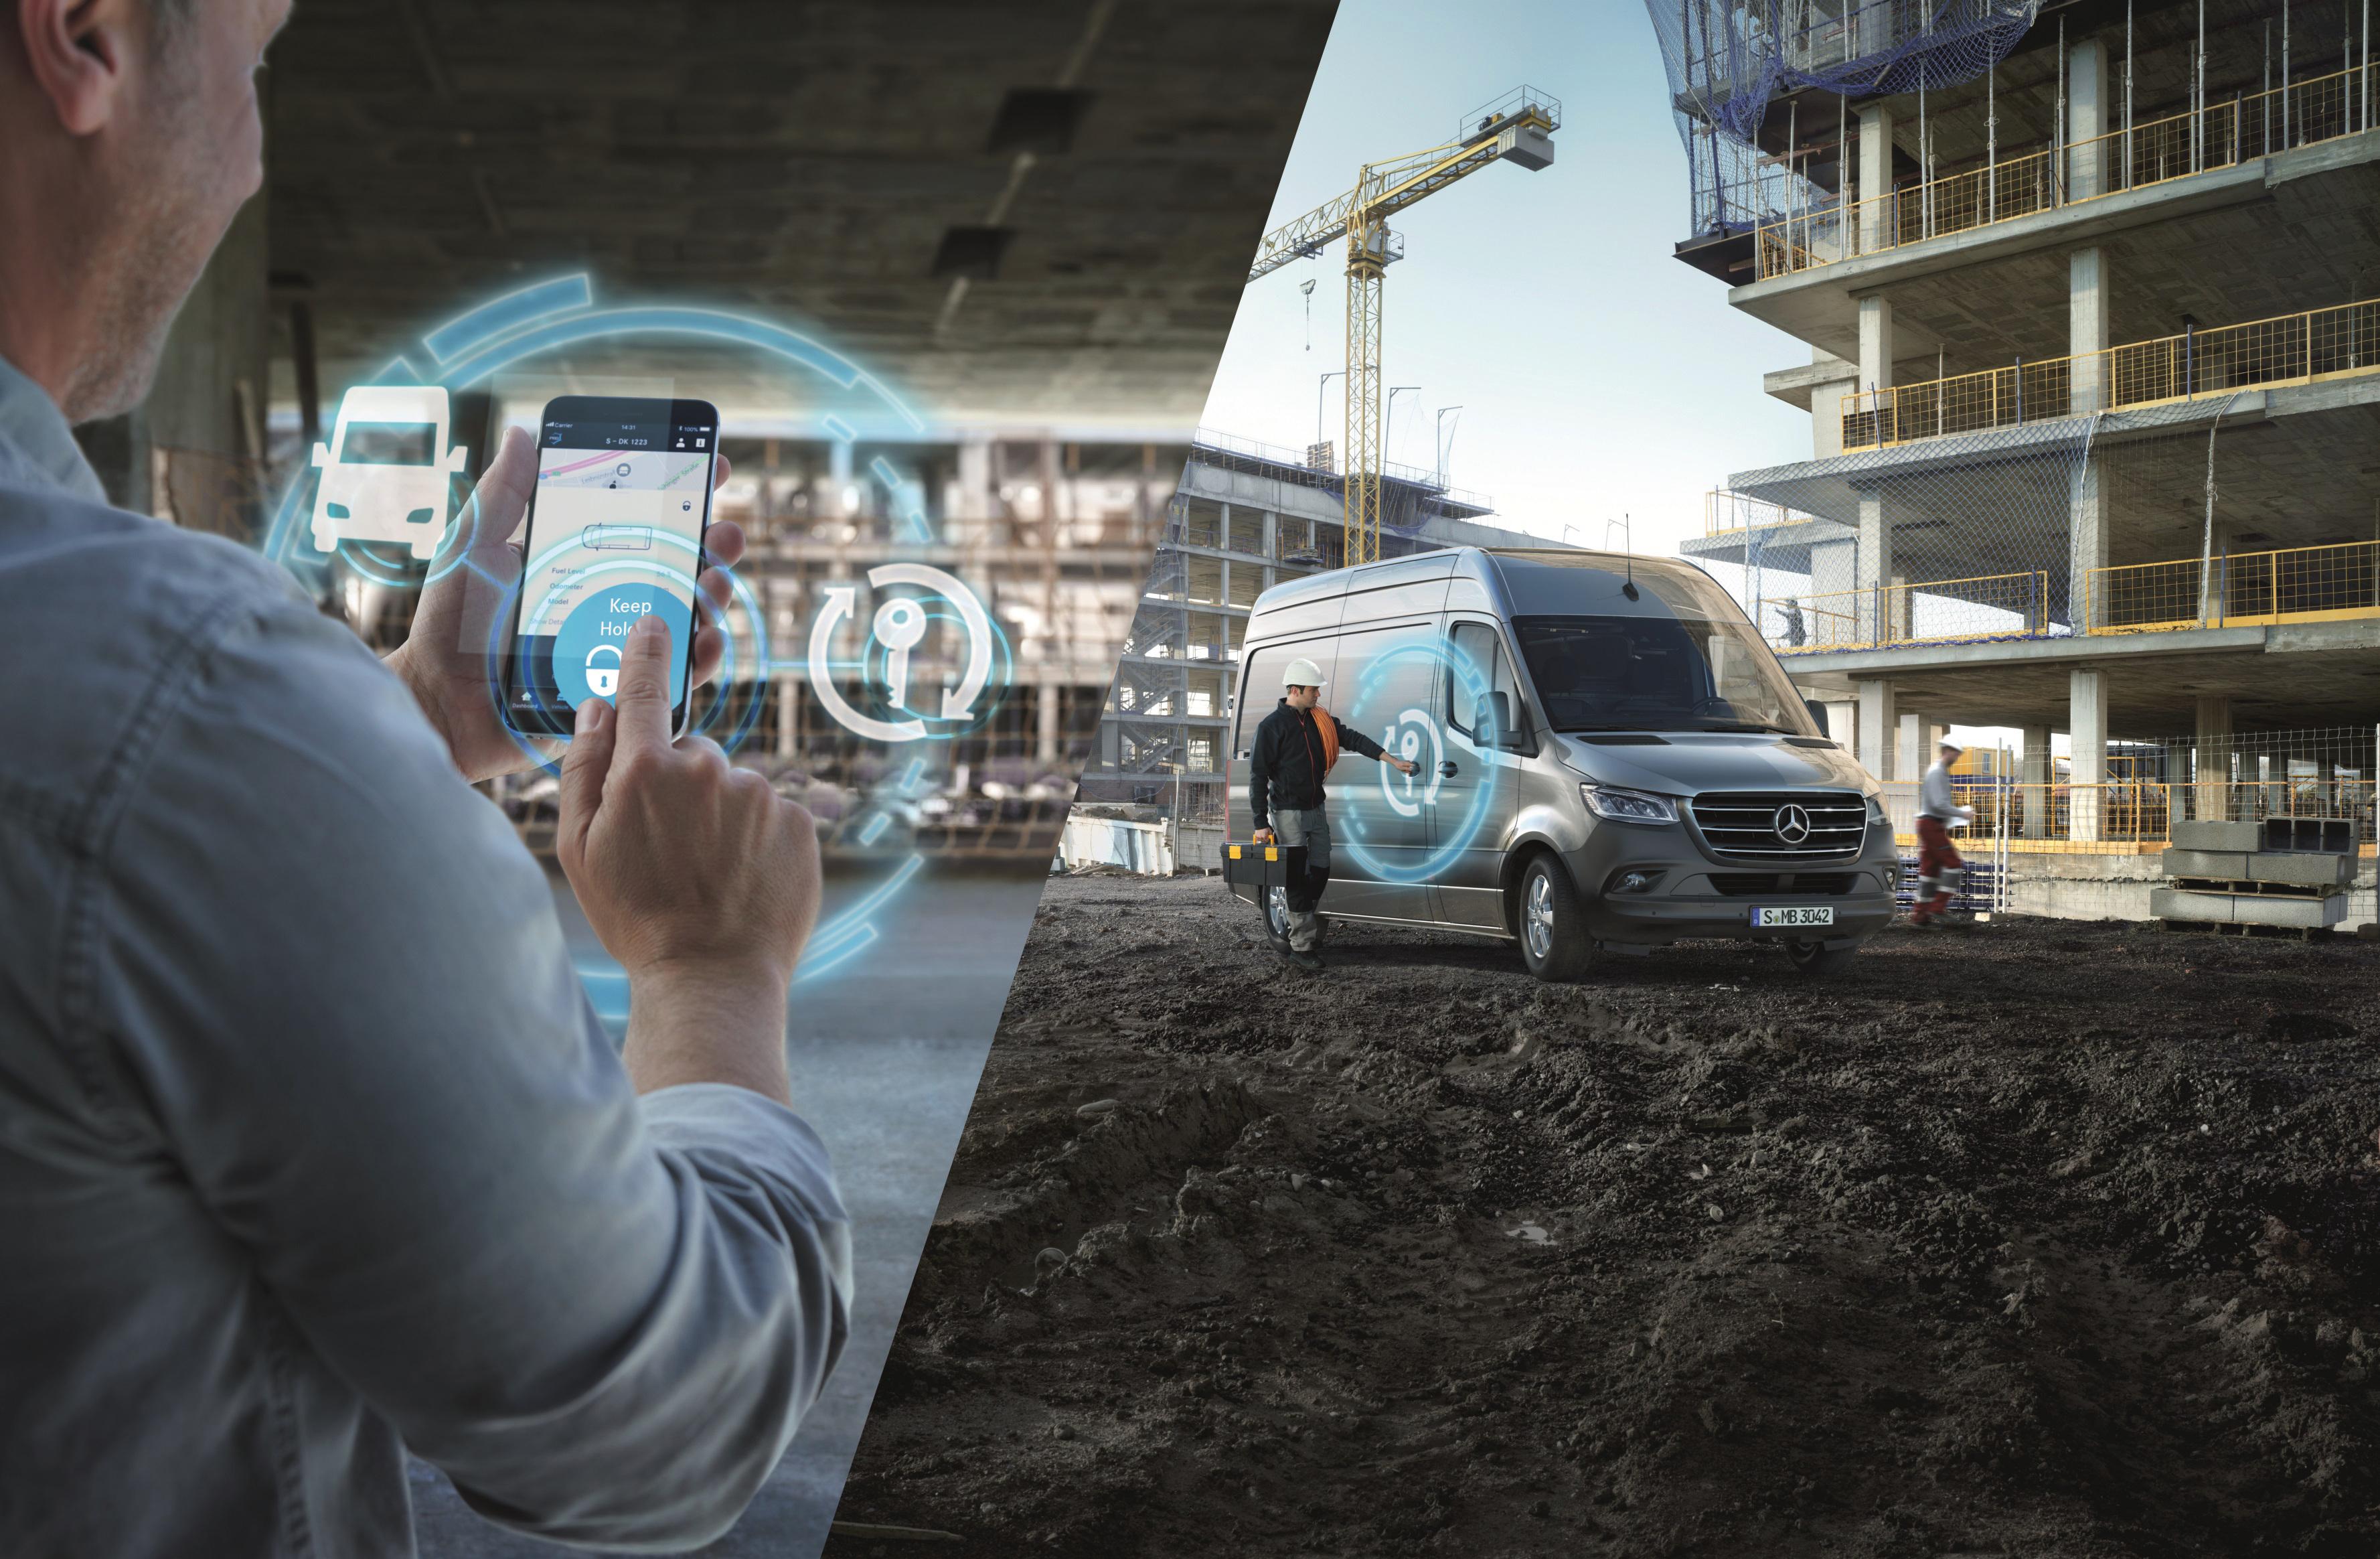 a050ee9ef2 Mercedes PRO startet digitale Services für neuen Mercedes-Benz Sprinter.  Mercedes PRO launches digital services for new Mercedes-Benz Sprinter.